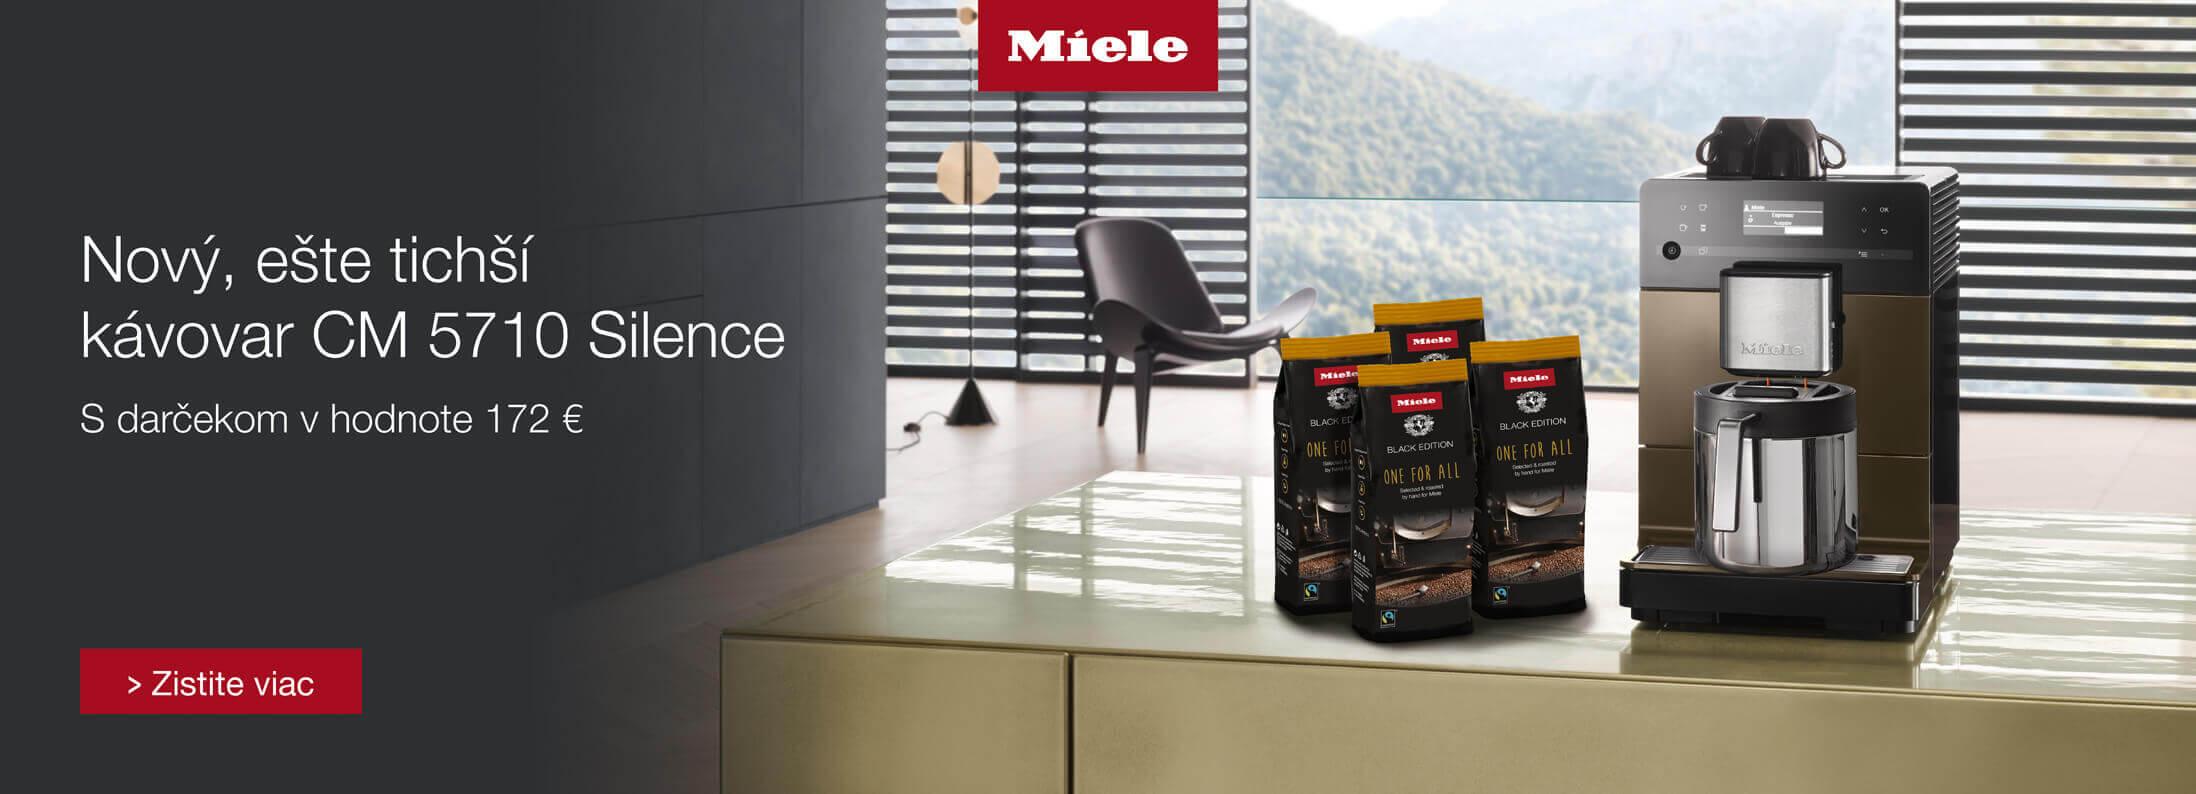 Miele - Darček ku kávovaru Miele CM 5710 Silence